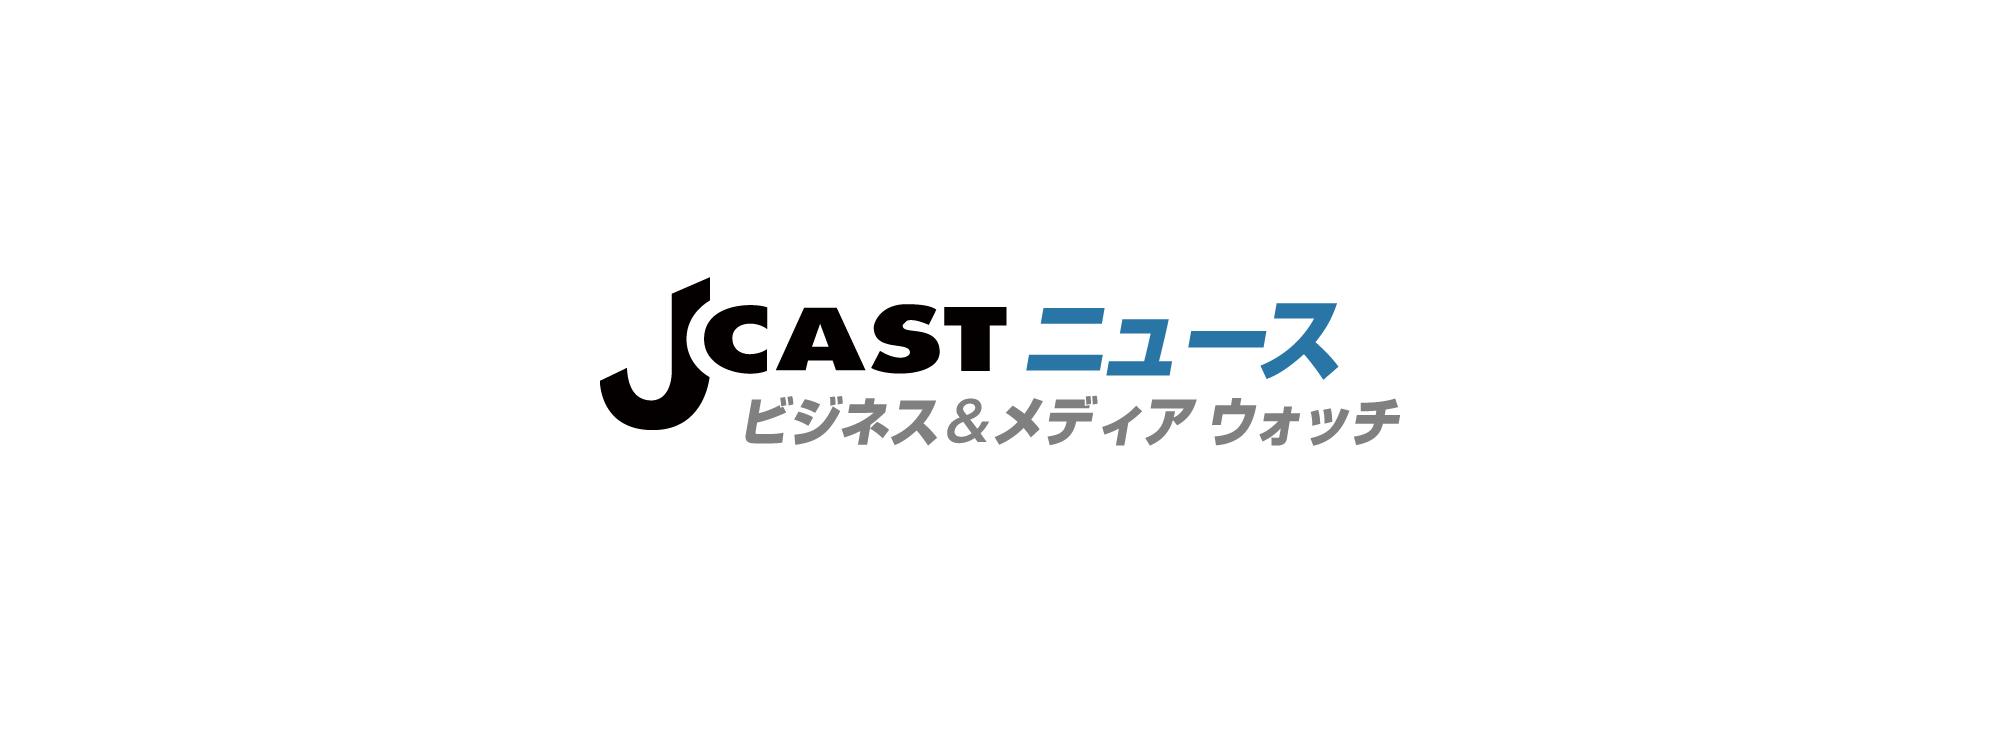 秋元康氏らメンバー「クールジャパン推進会議」設置 : J-CASTニュース